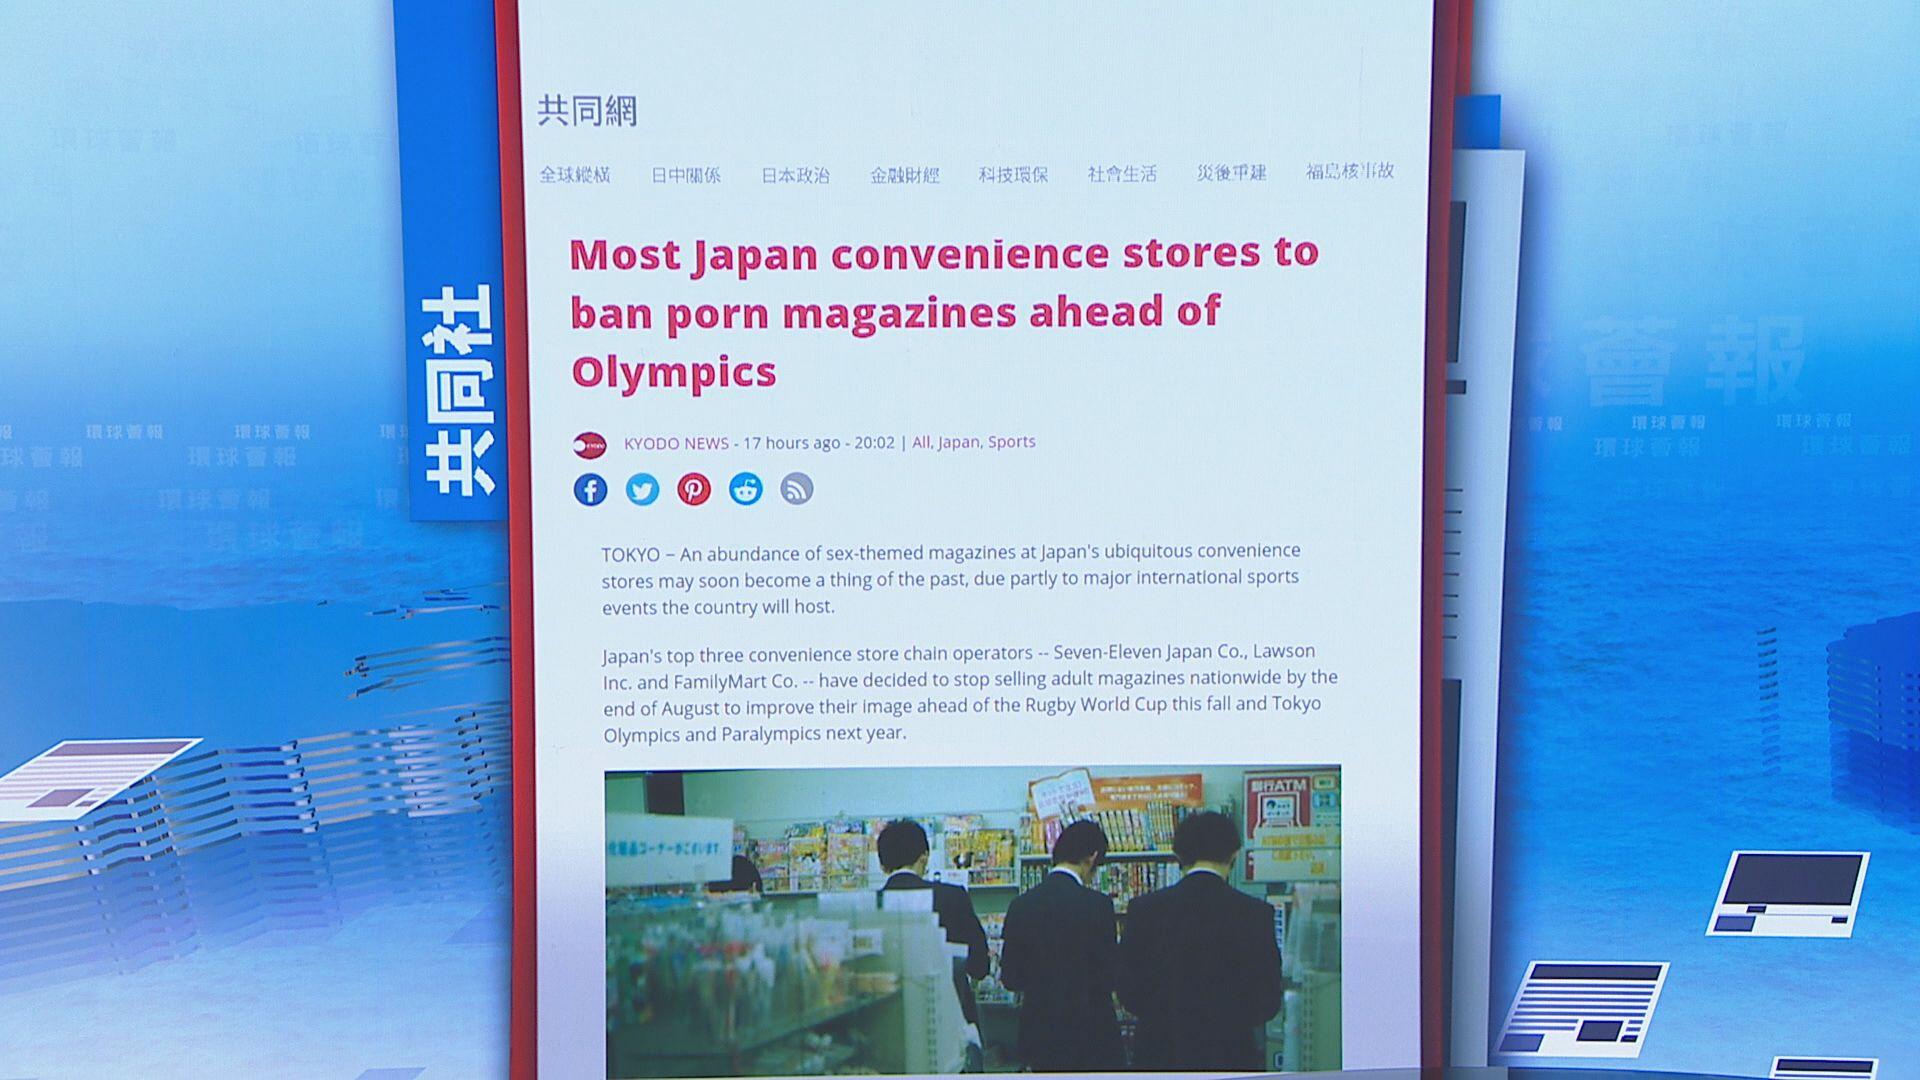 【環球薈報】日本多間連鎖便利店停售色情雜誌